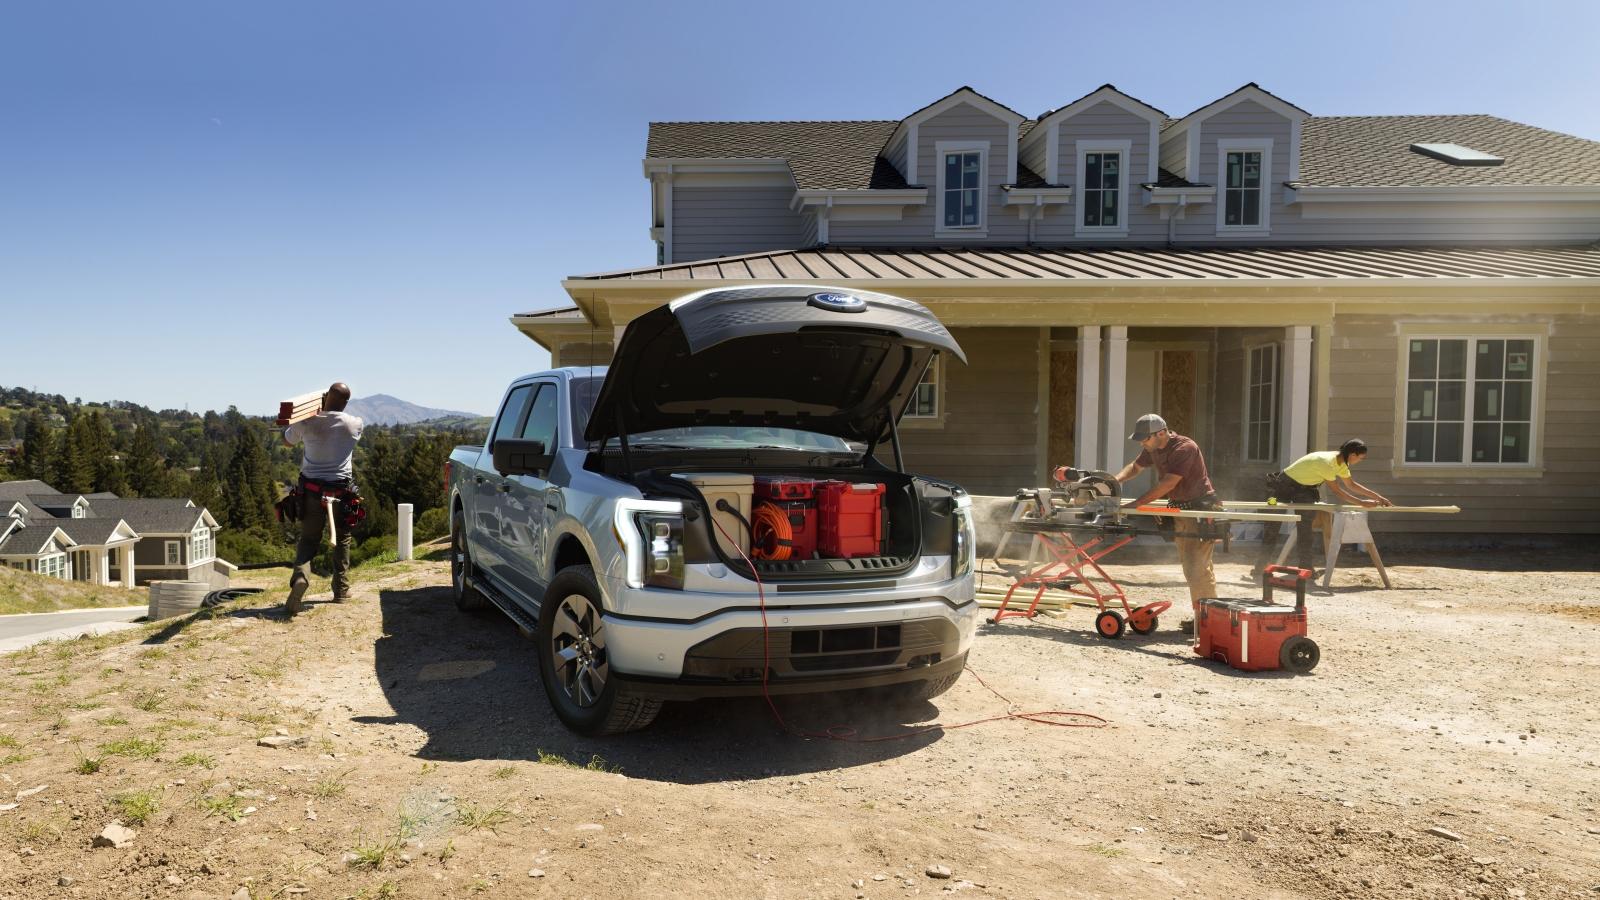 Bán tải chạy điện Ford F150 Lightning có thế cung cấp điện cho cả ngôi nhà